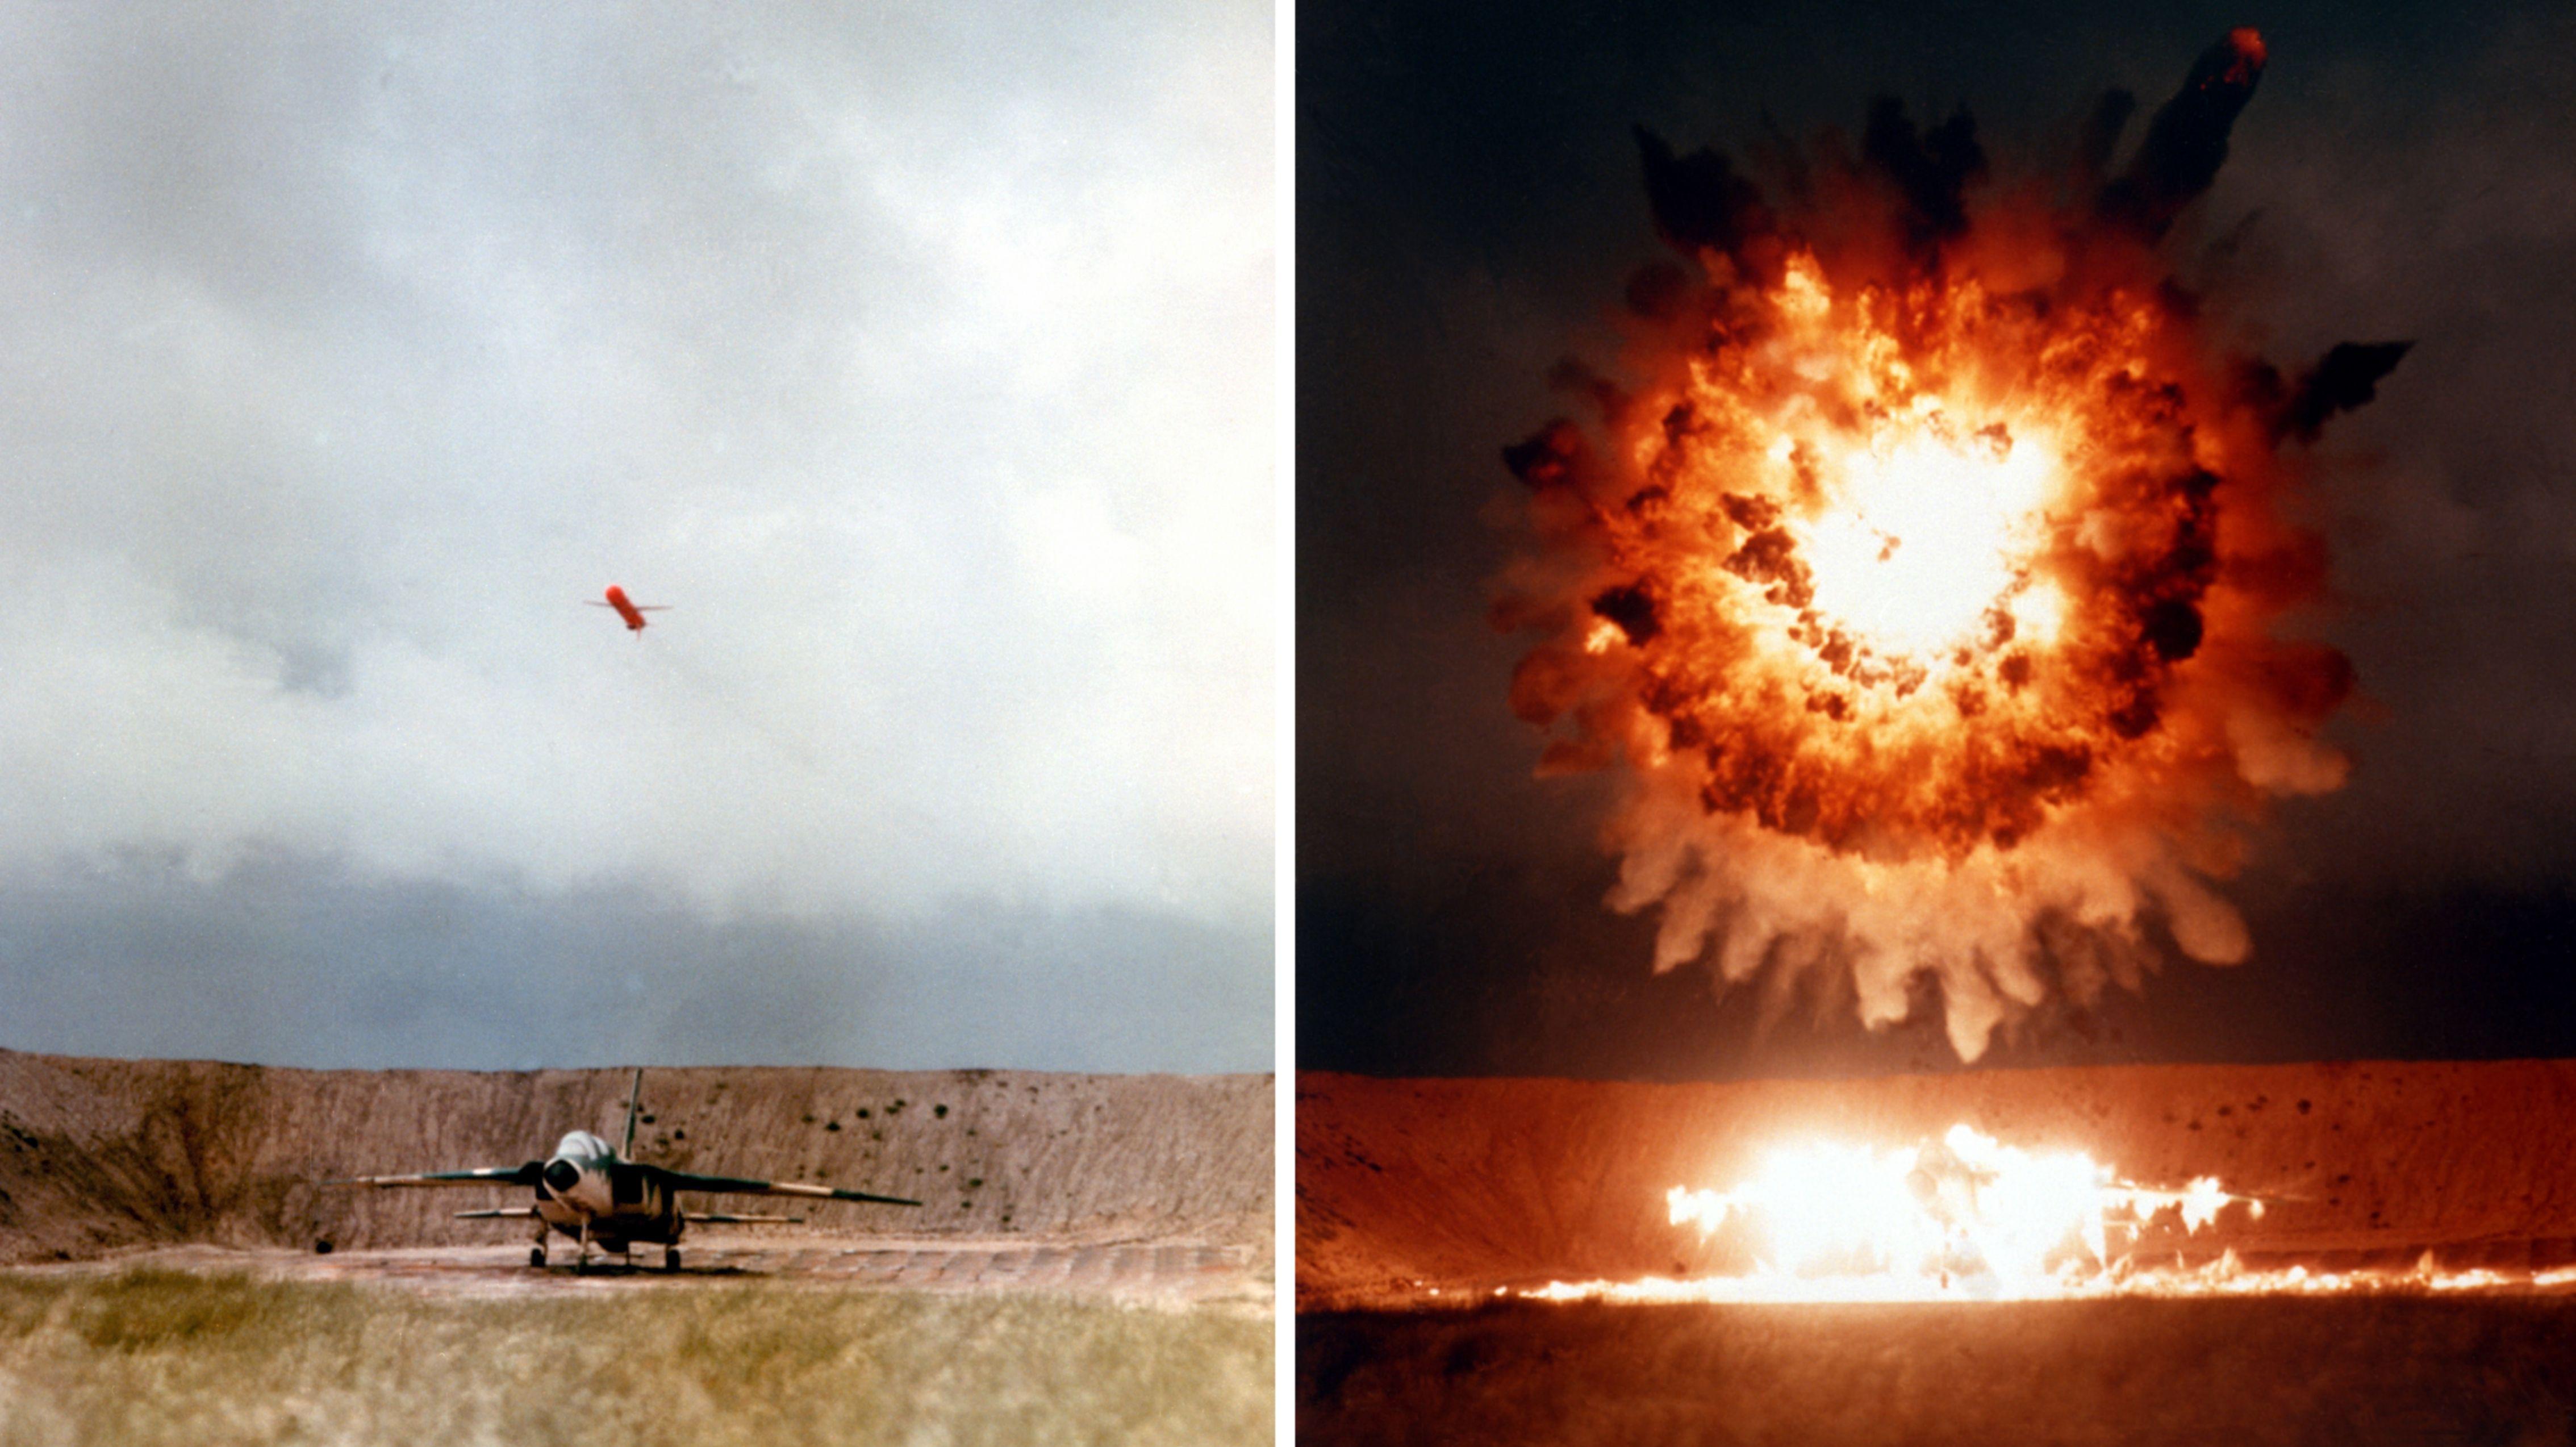 Американская крылатая ракета UGM-109 Tomahawk, выпущенная с подводной лодки, поражает учебную цель на удалении в 650 км на полигоне острова Сан Клименто в Калифорнии.